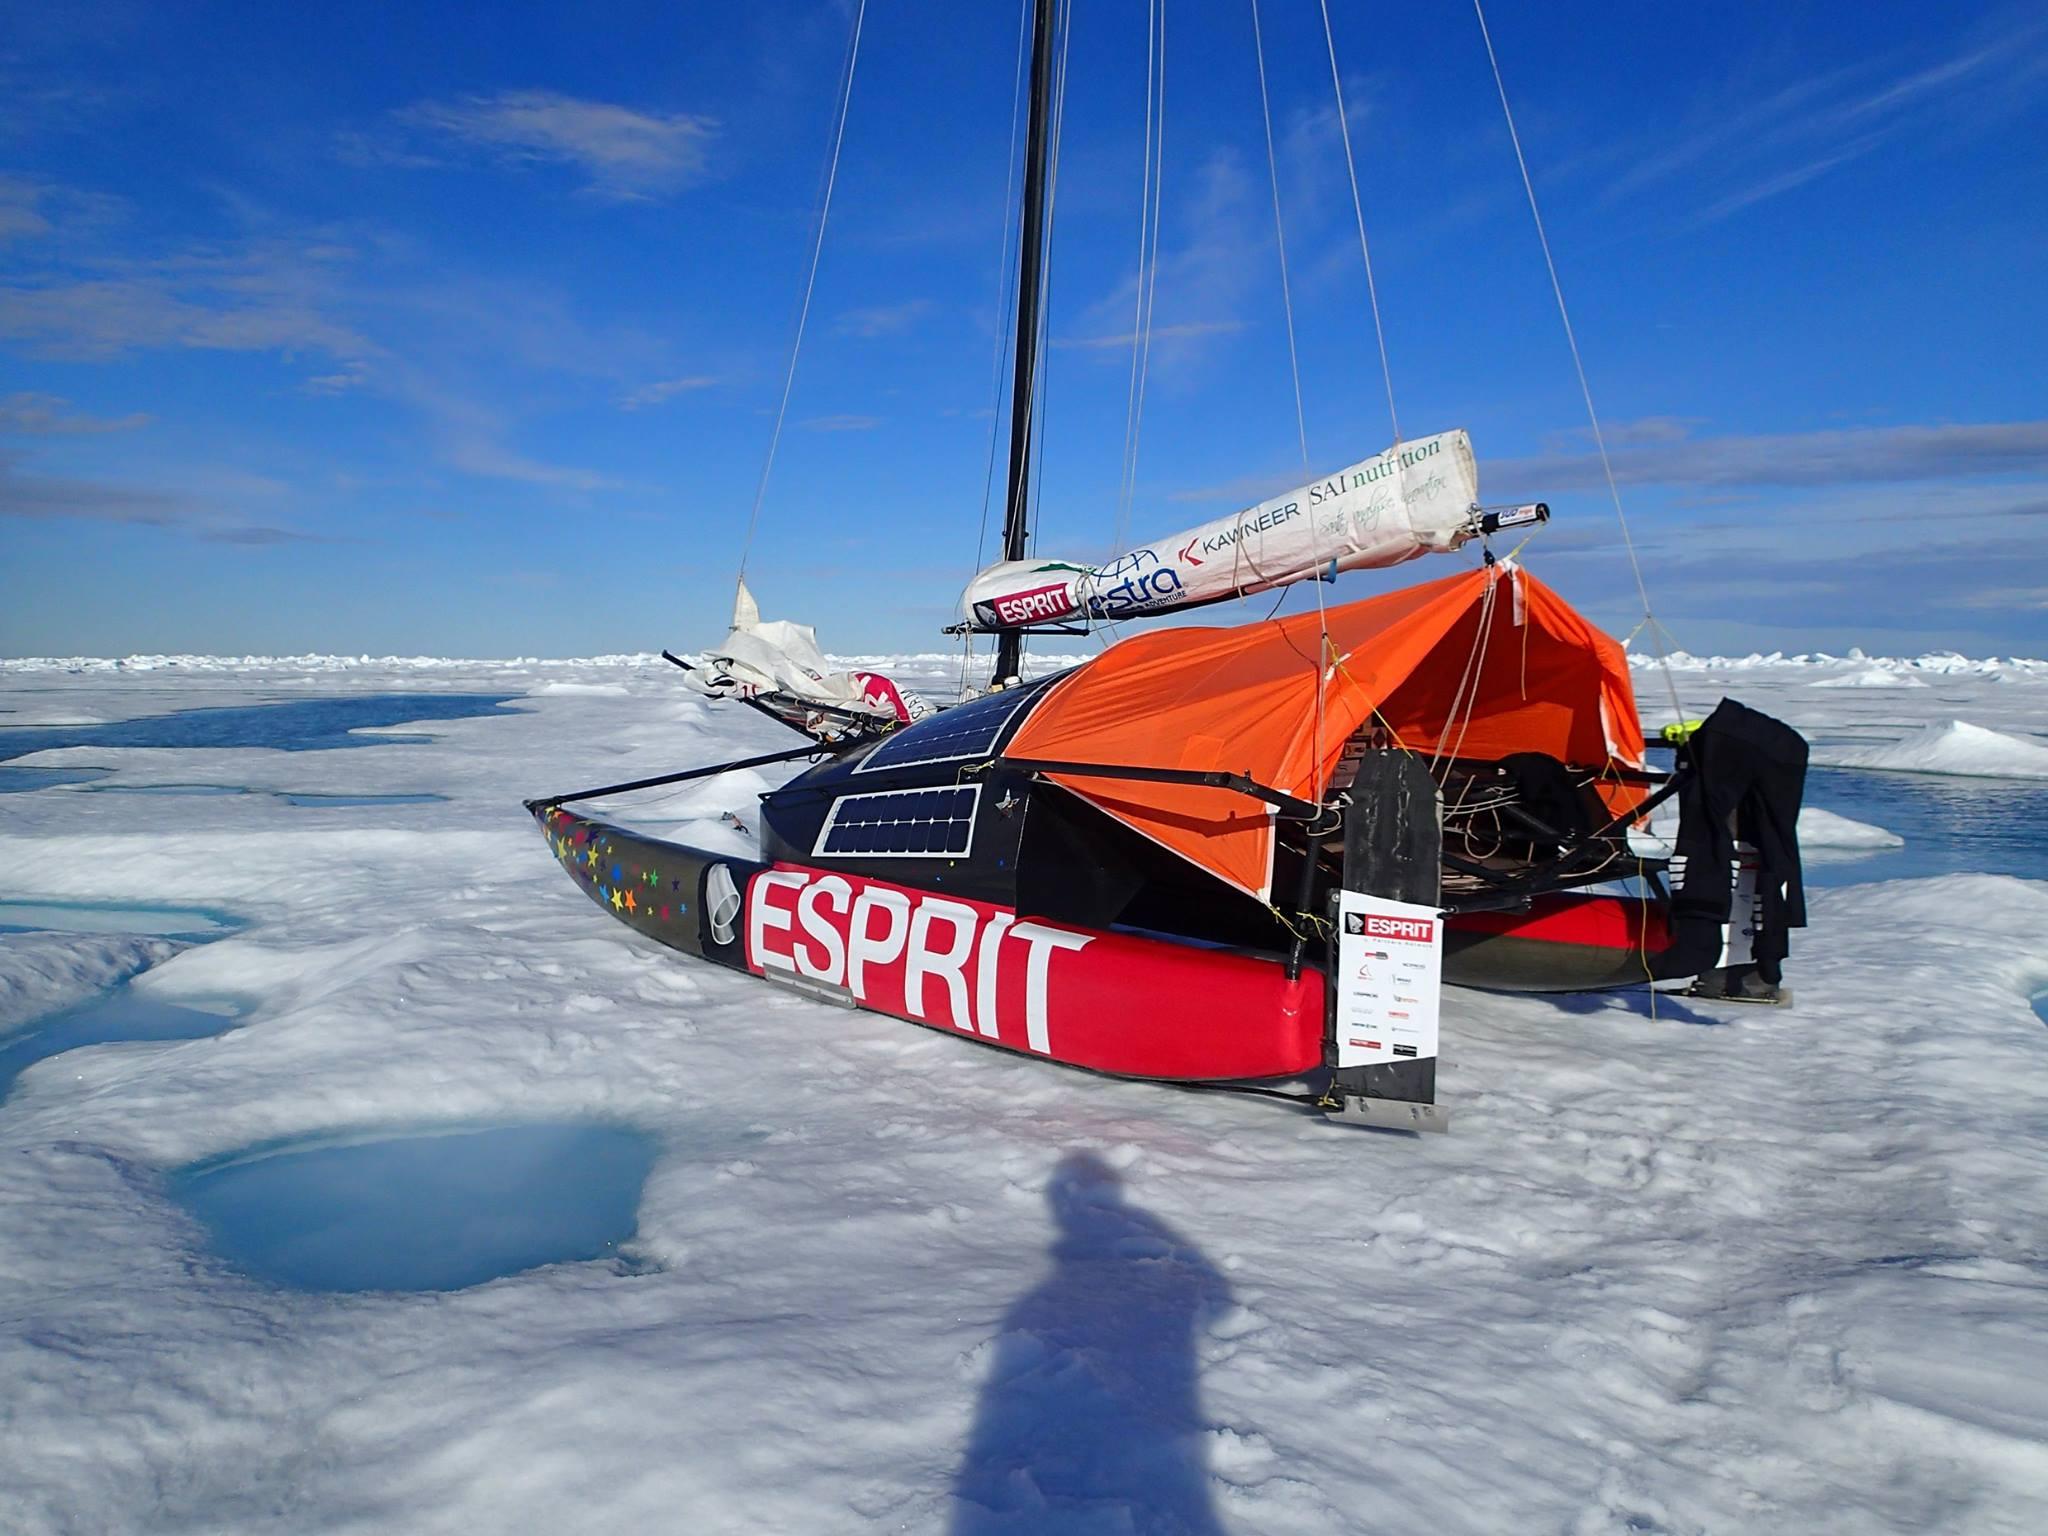 Segel katamaran innen  Abenteuer: Unter Segeln zum Nordpol   SegelReporter